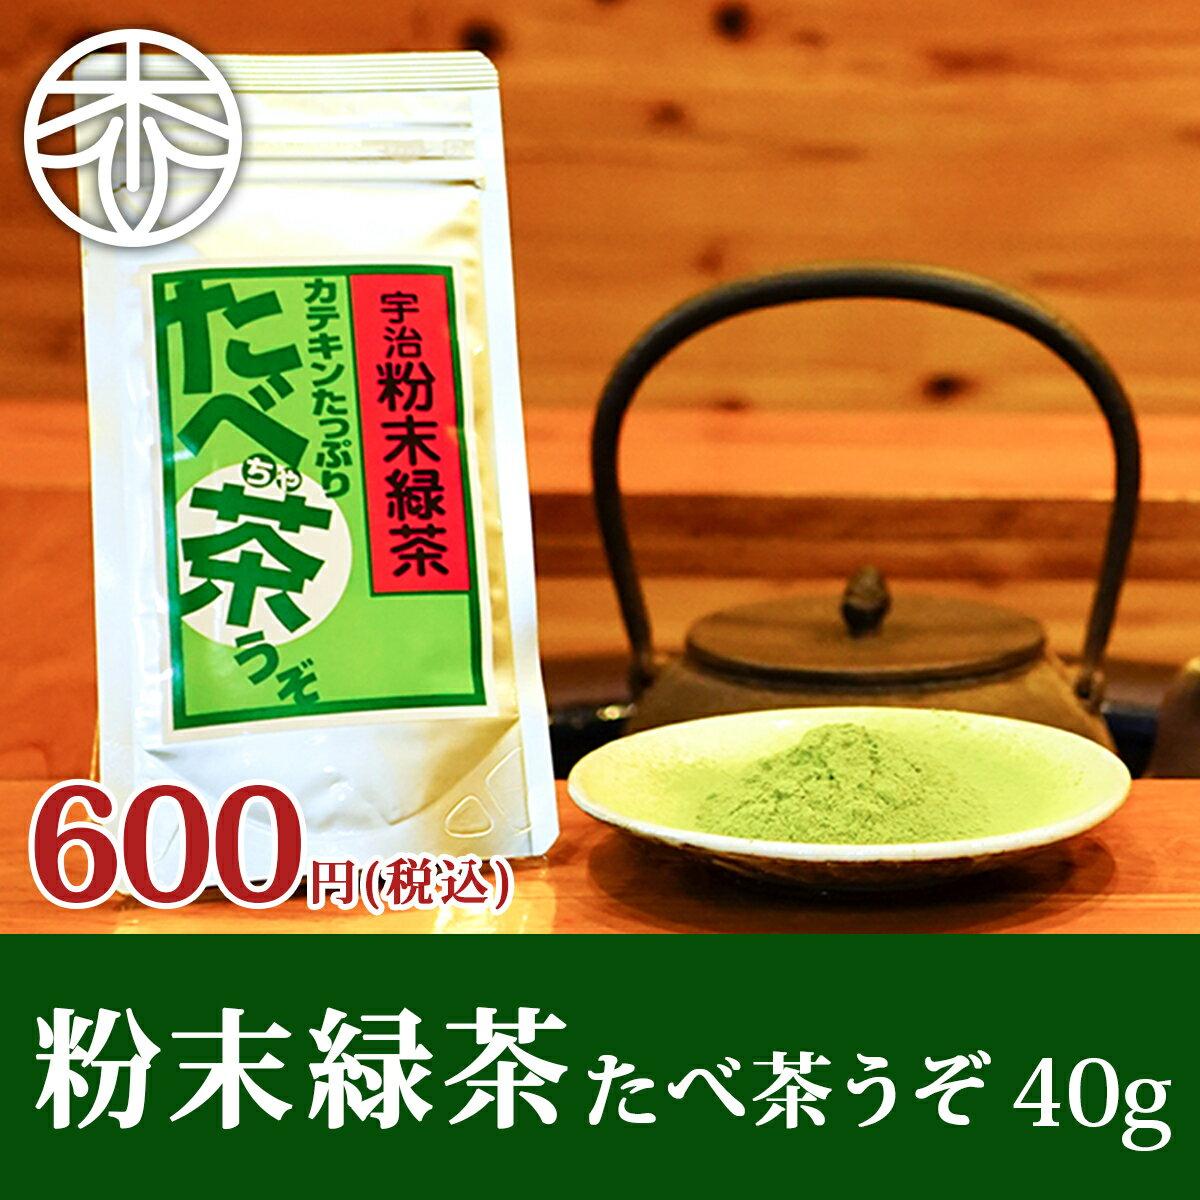 粉末茶 たべ茶うぞ(粉末緑茶 ) 40g |宇治茶の木谷製茶場